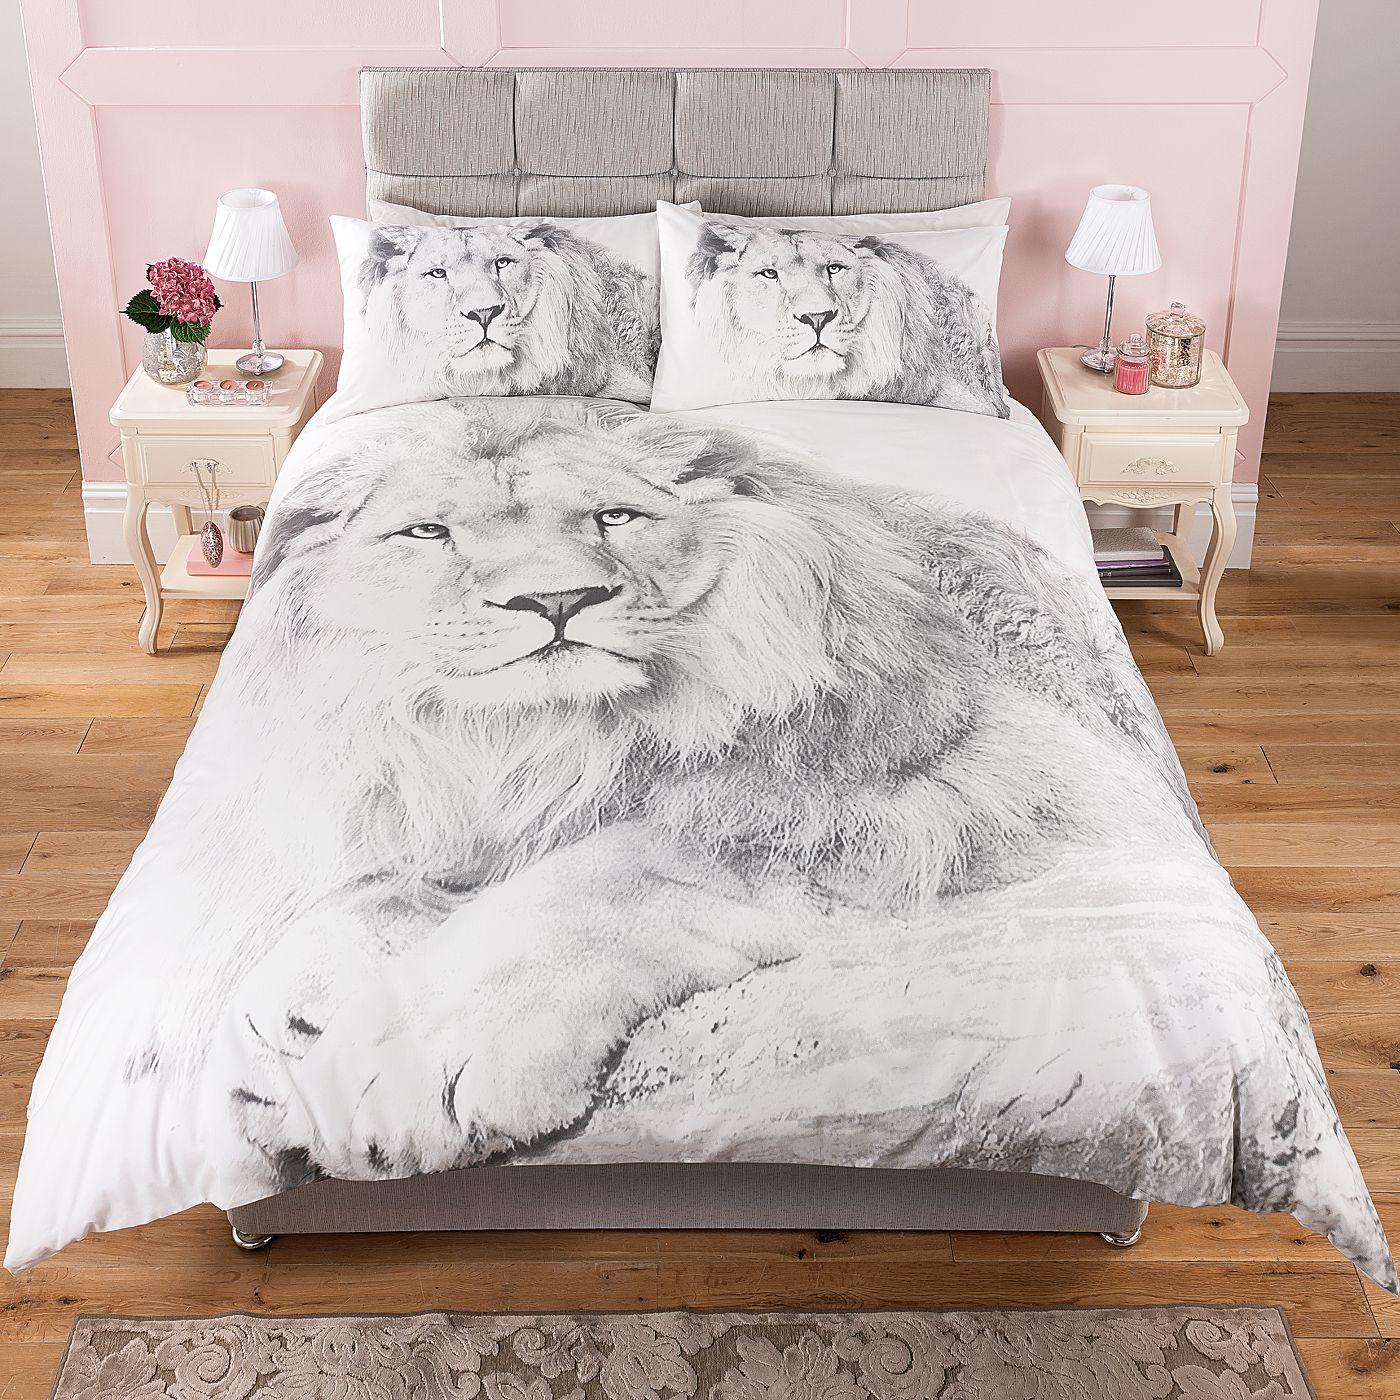 George Home Fantasy Lion Duvet Range | Bedding | ASDA direct ...